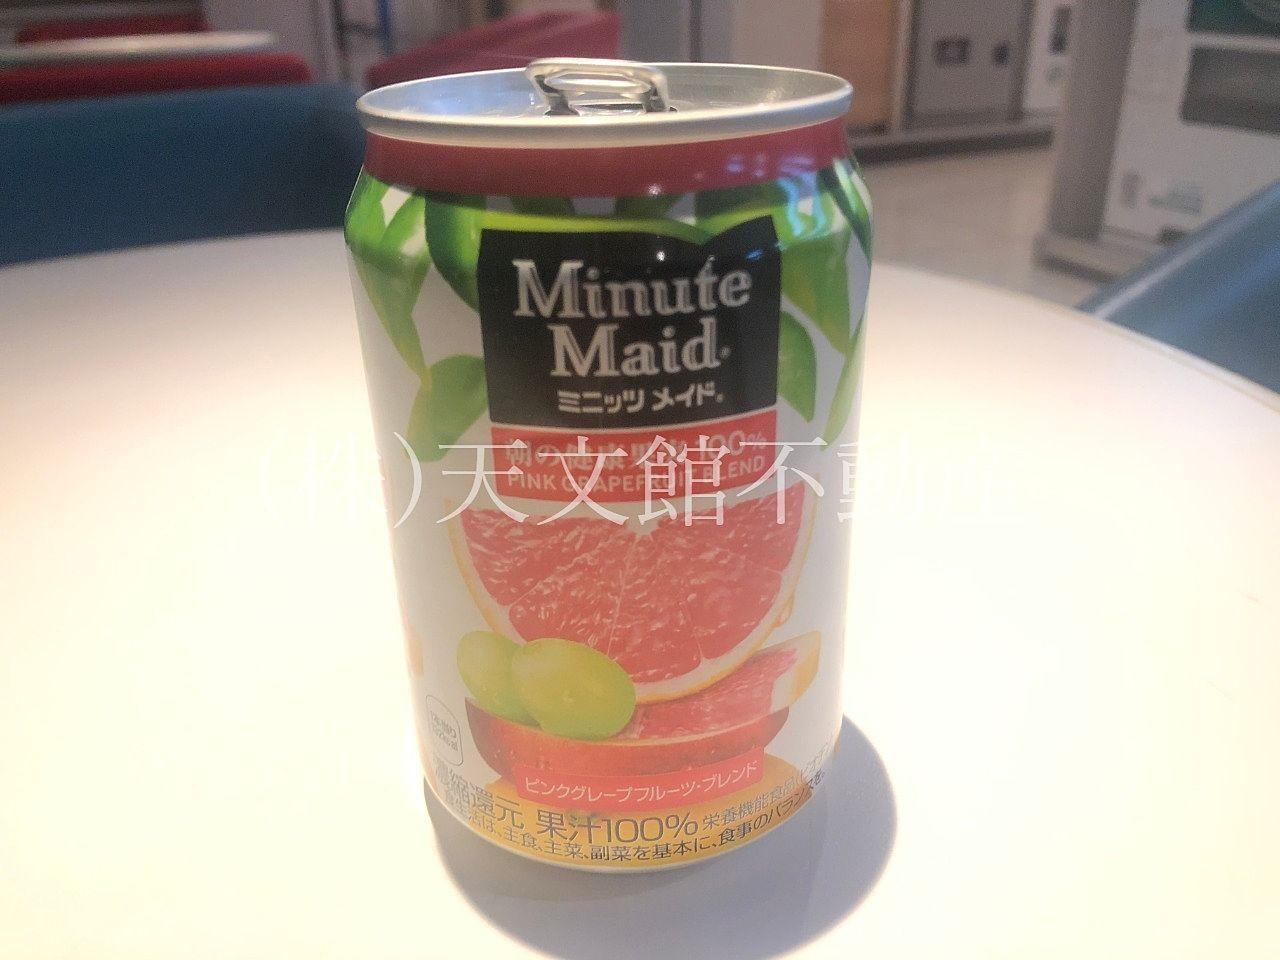 ミニッツメイド ピンクグレープフルーツ・ブレンド、私のお気に入りのジュースです。